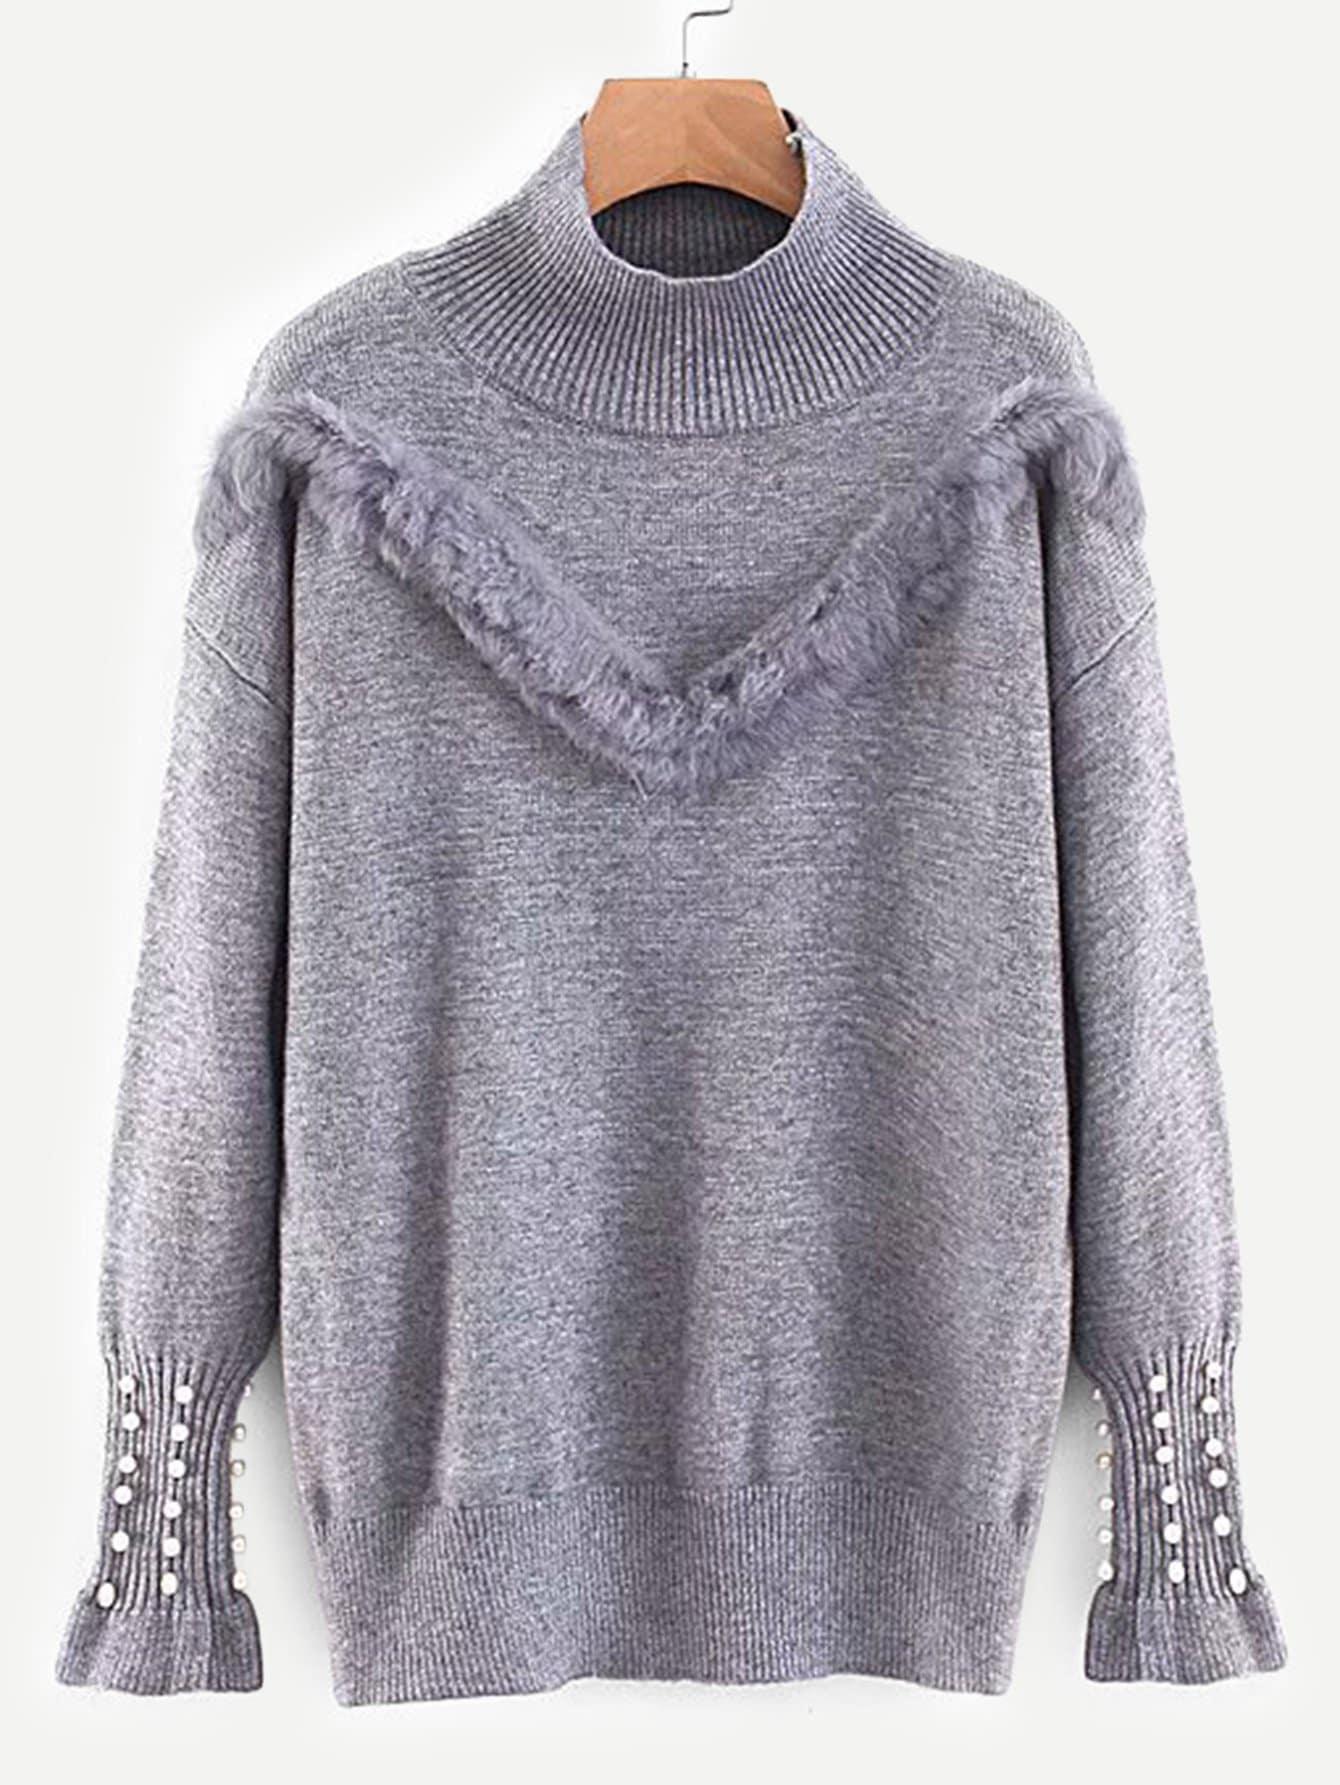 Купить Контрастный свитер с искусственным мехом, null, SheIn